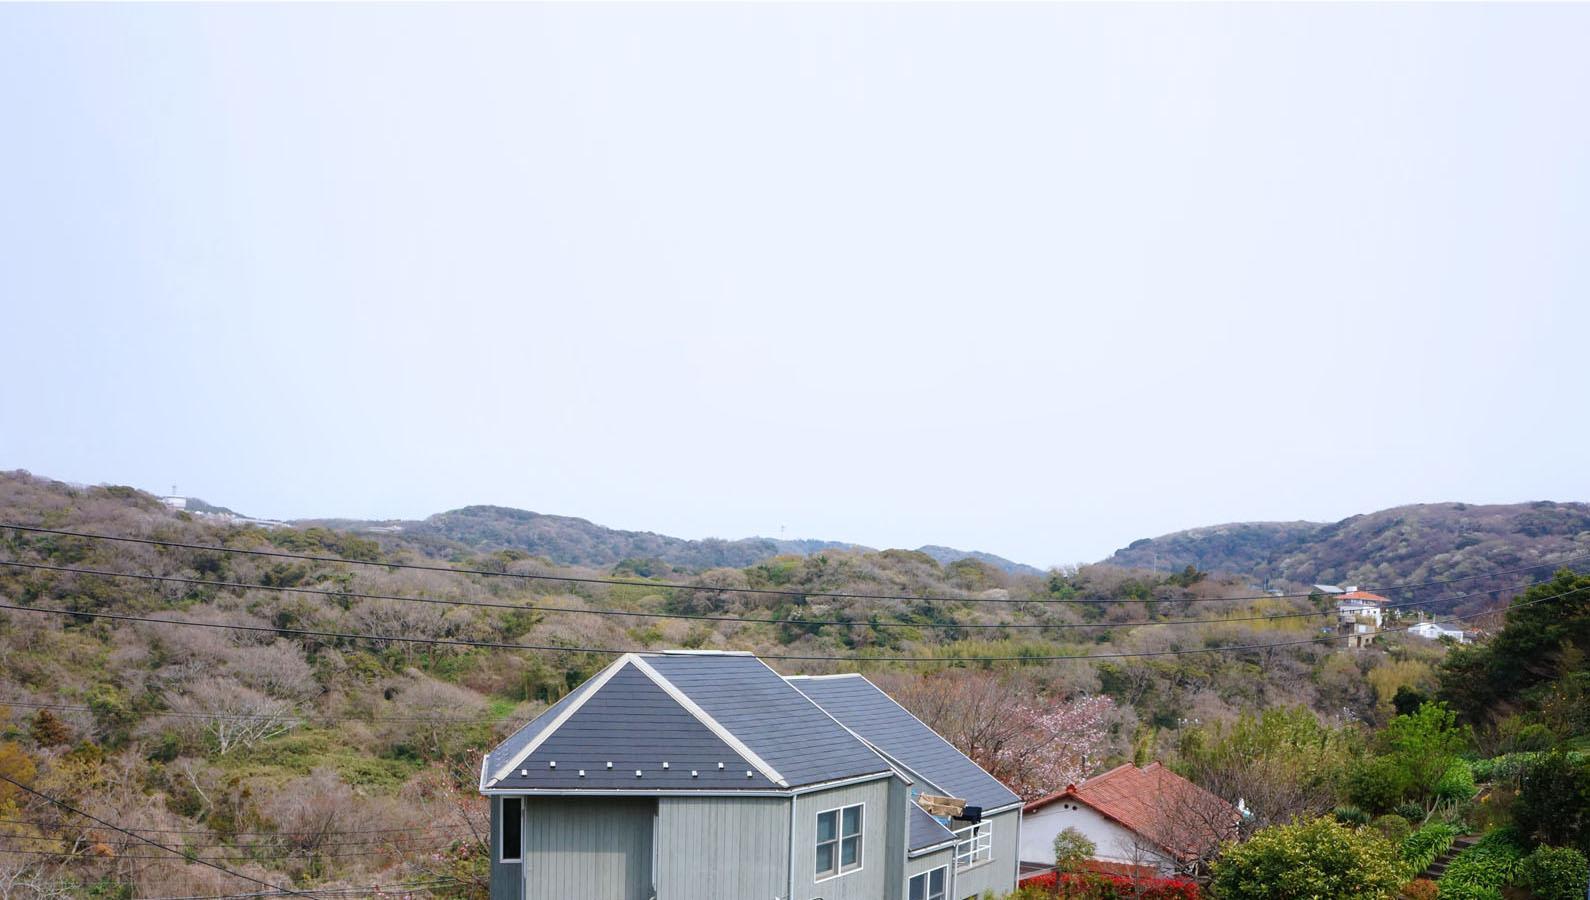 2階からの山を望む眺望は空も広くて気持ち良いの一言です。